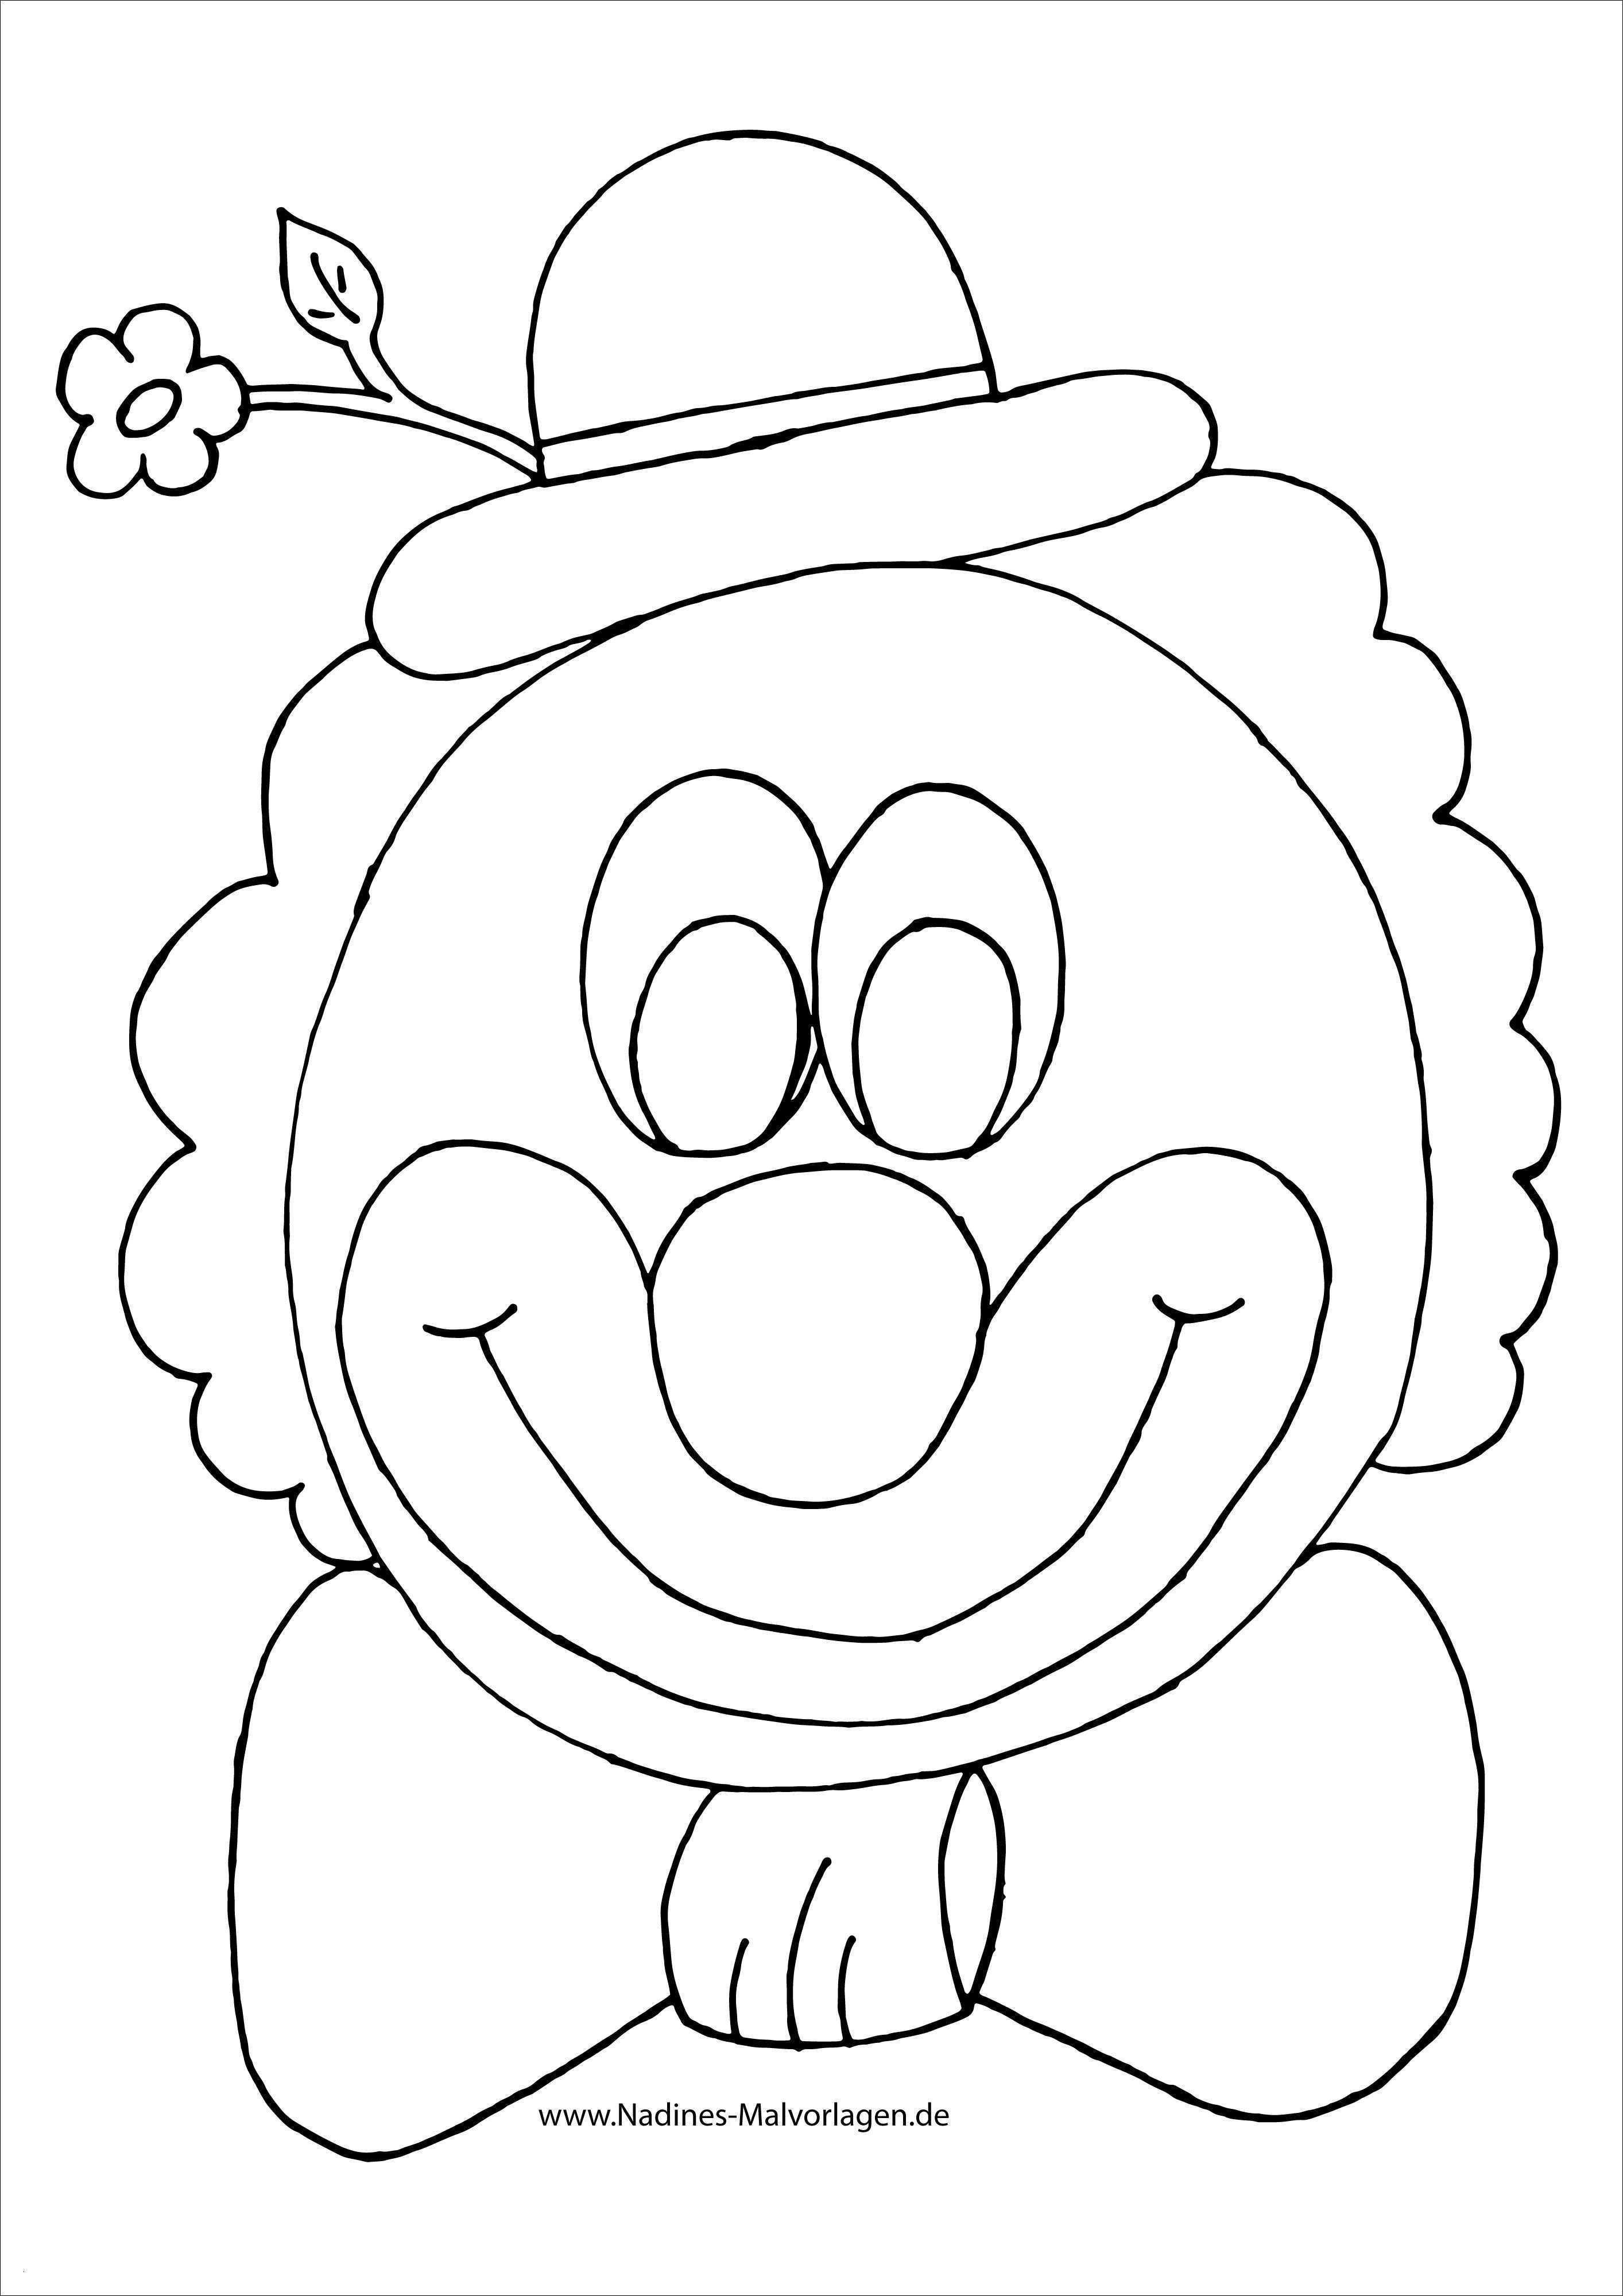 Minions Ausmalbilder Bob Teddy Einzigartig Minion Ausmalbilder Kevin Foto Minions Ausmalbilder Bob Teddy Galerie